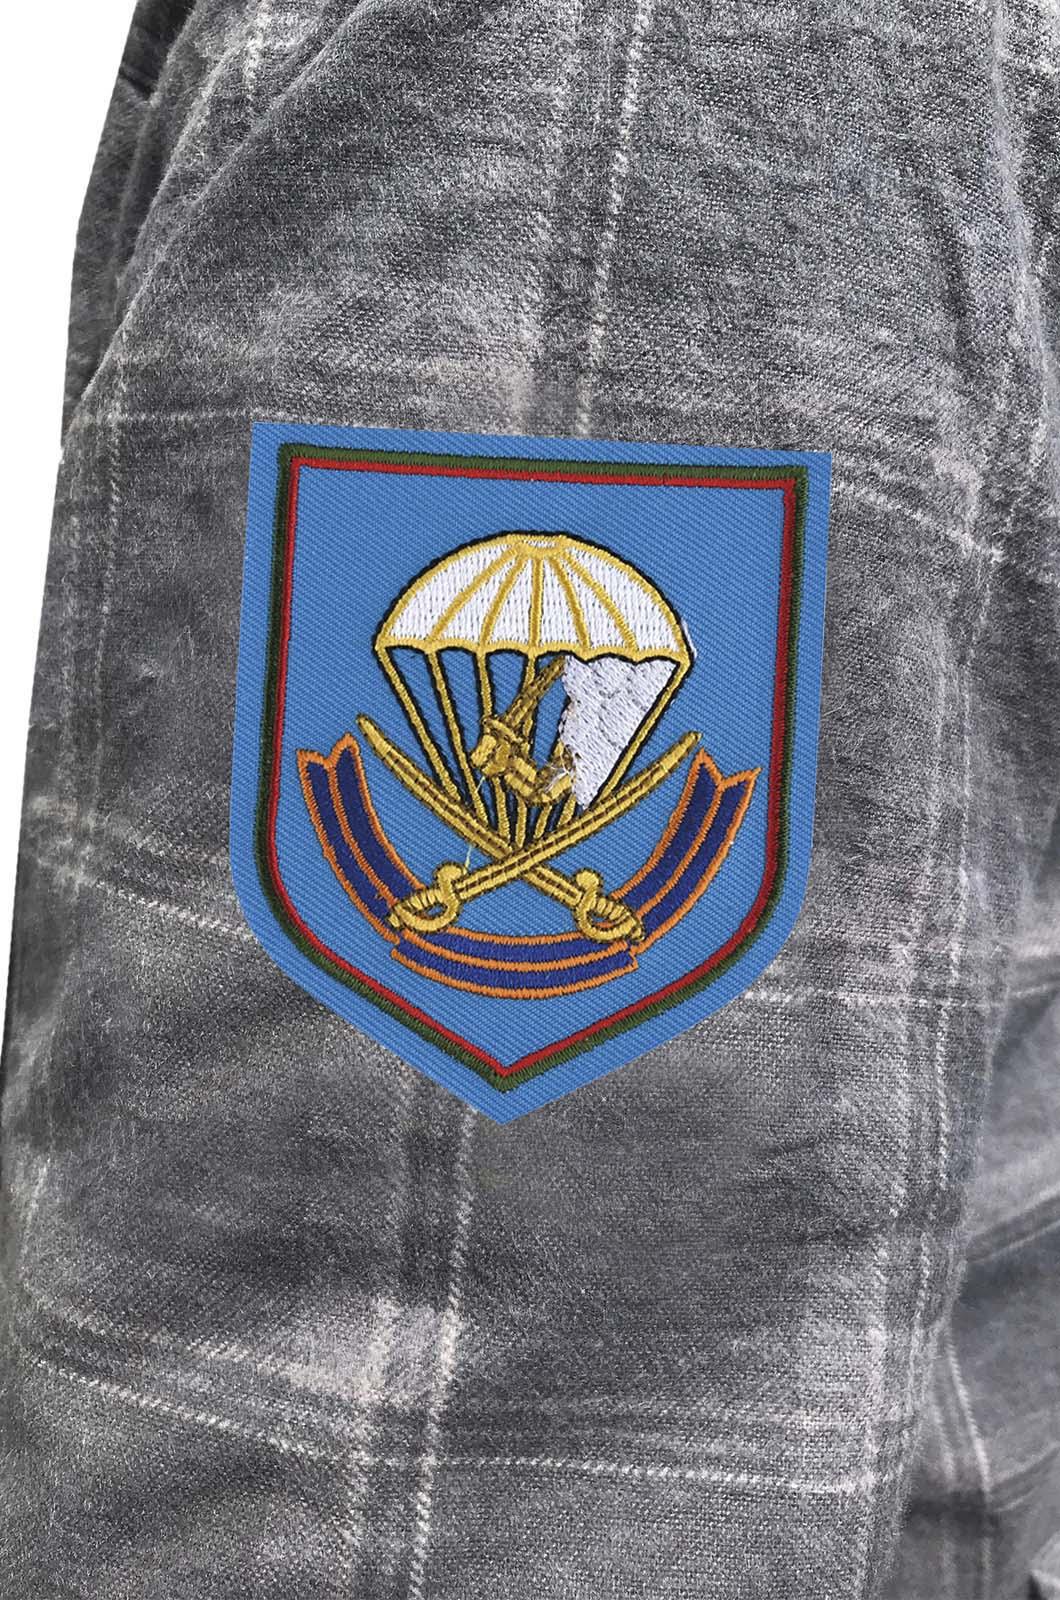 Теплая рубашка с вышитым шевроном 217 ПДП ВДВ - купить выгодно